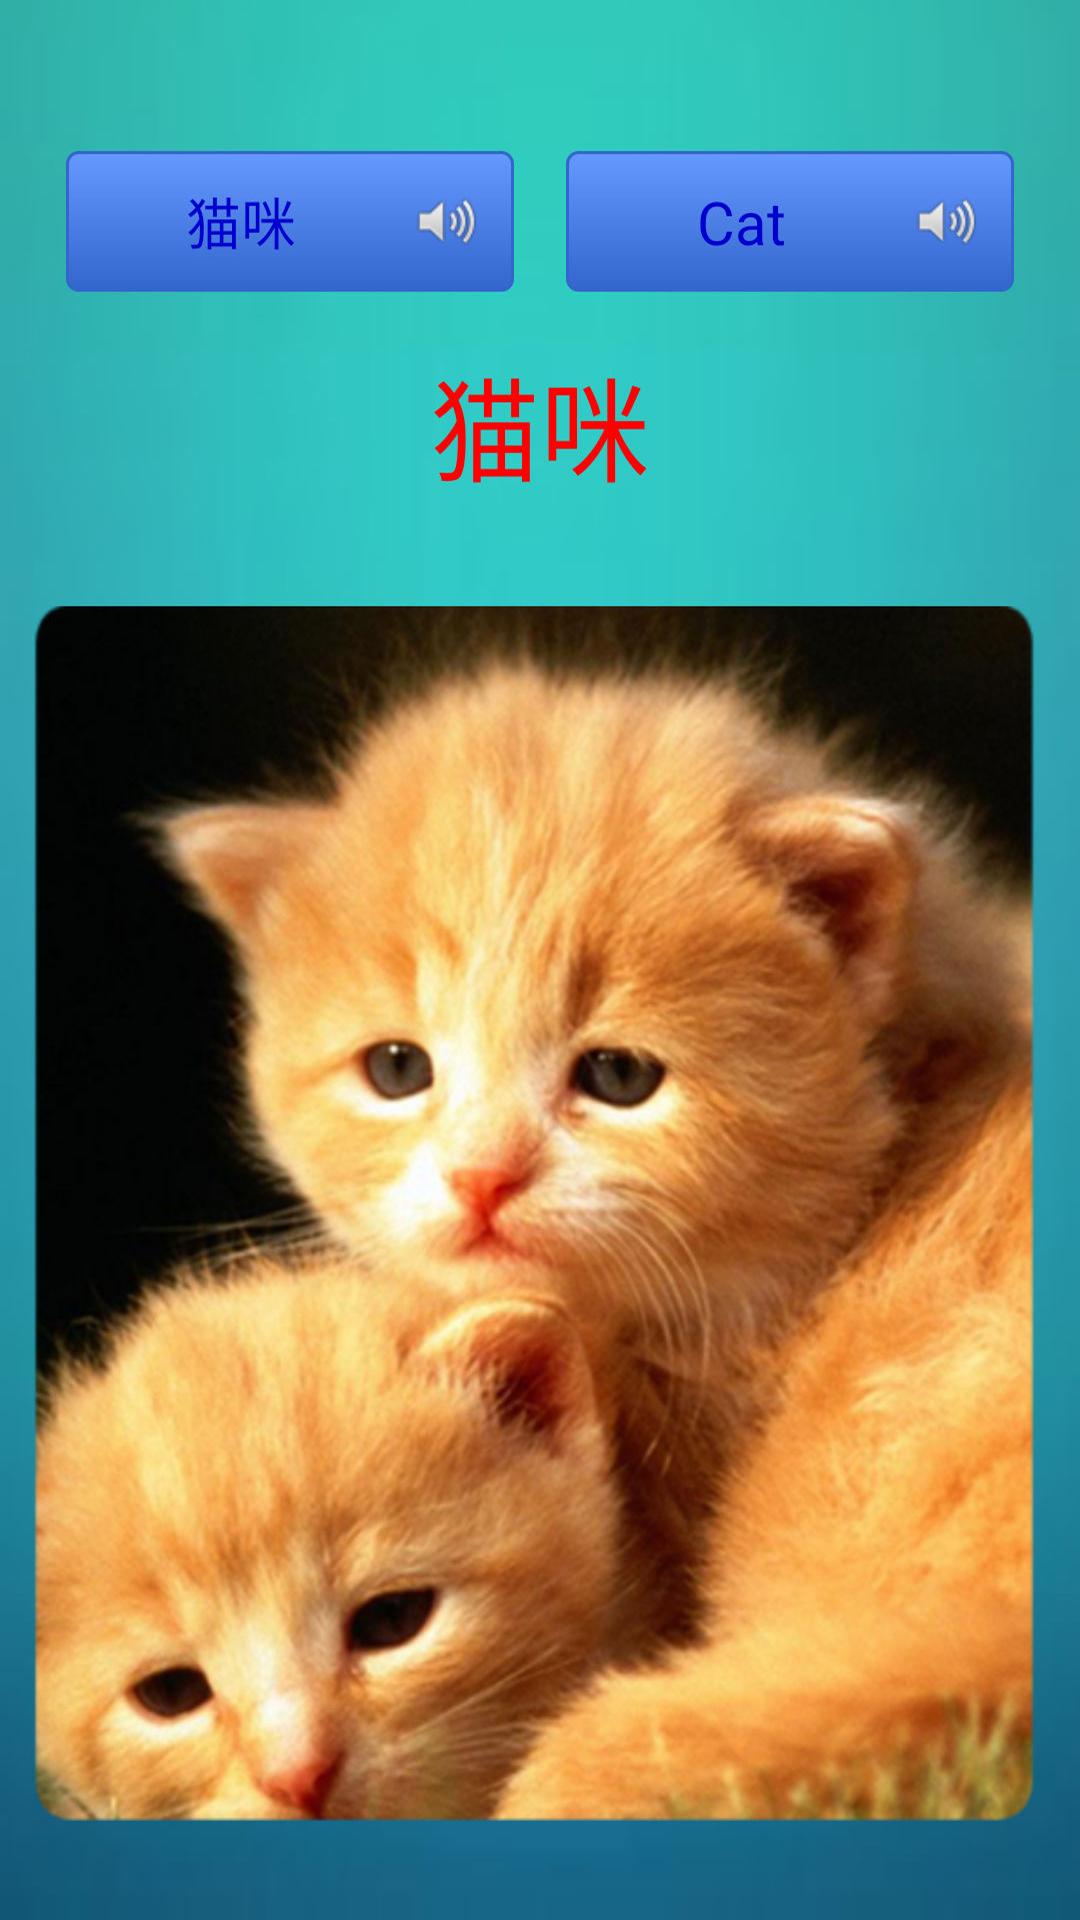 双语教学,宝宝成长伴侣;  每张真实高清的动物图片,配上对应的动物